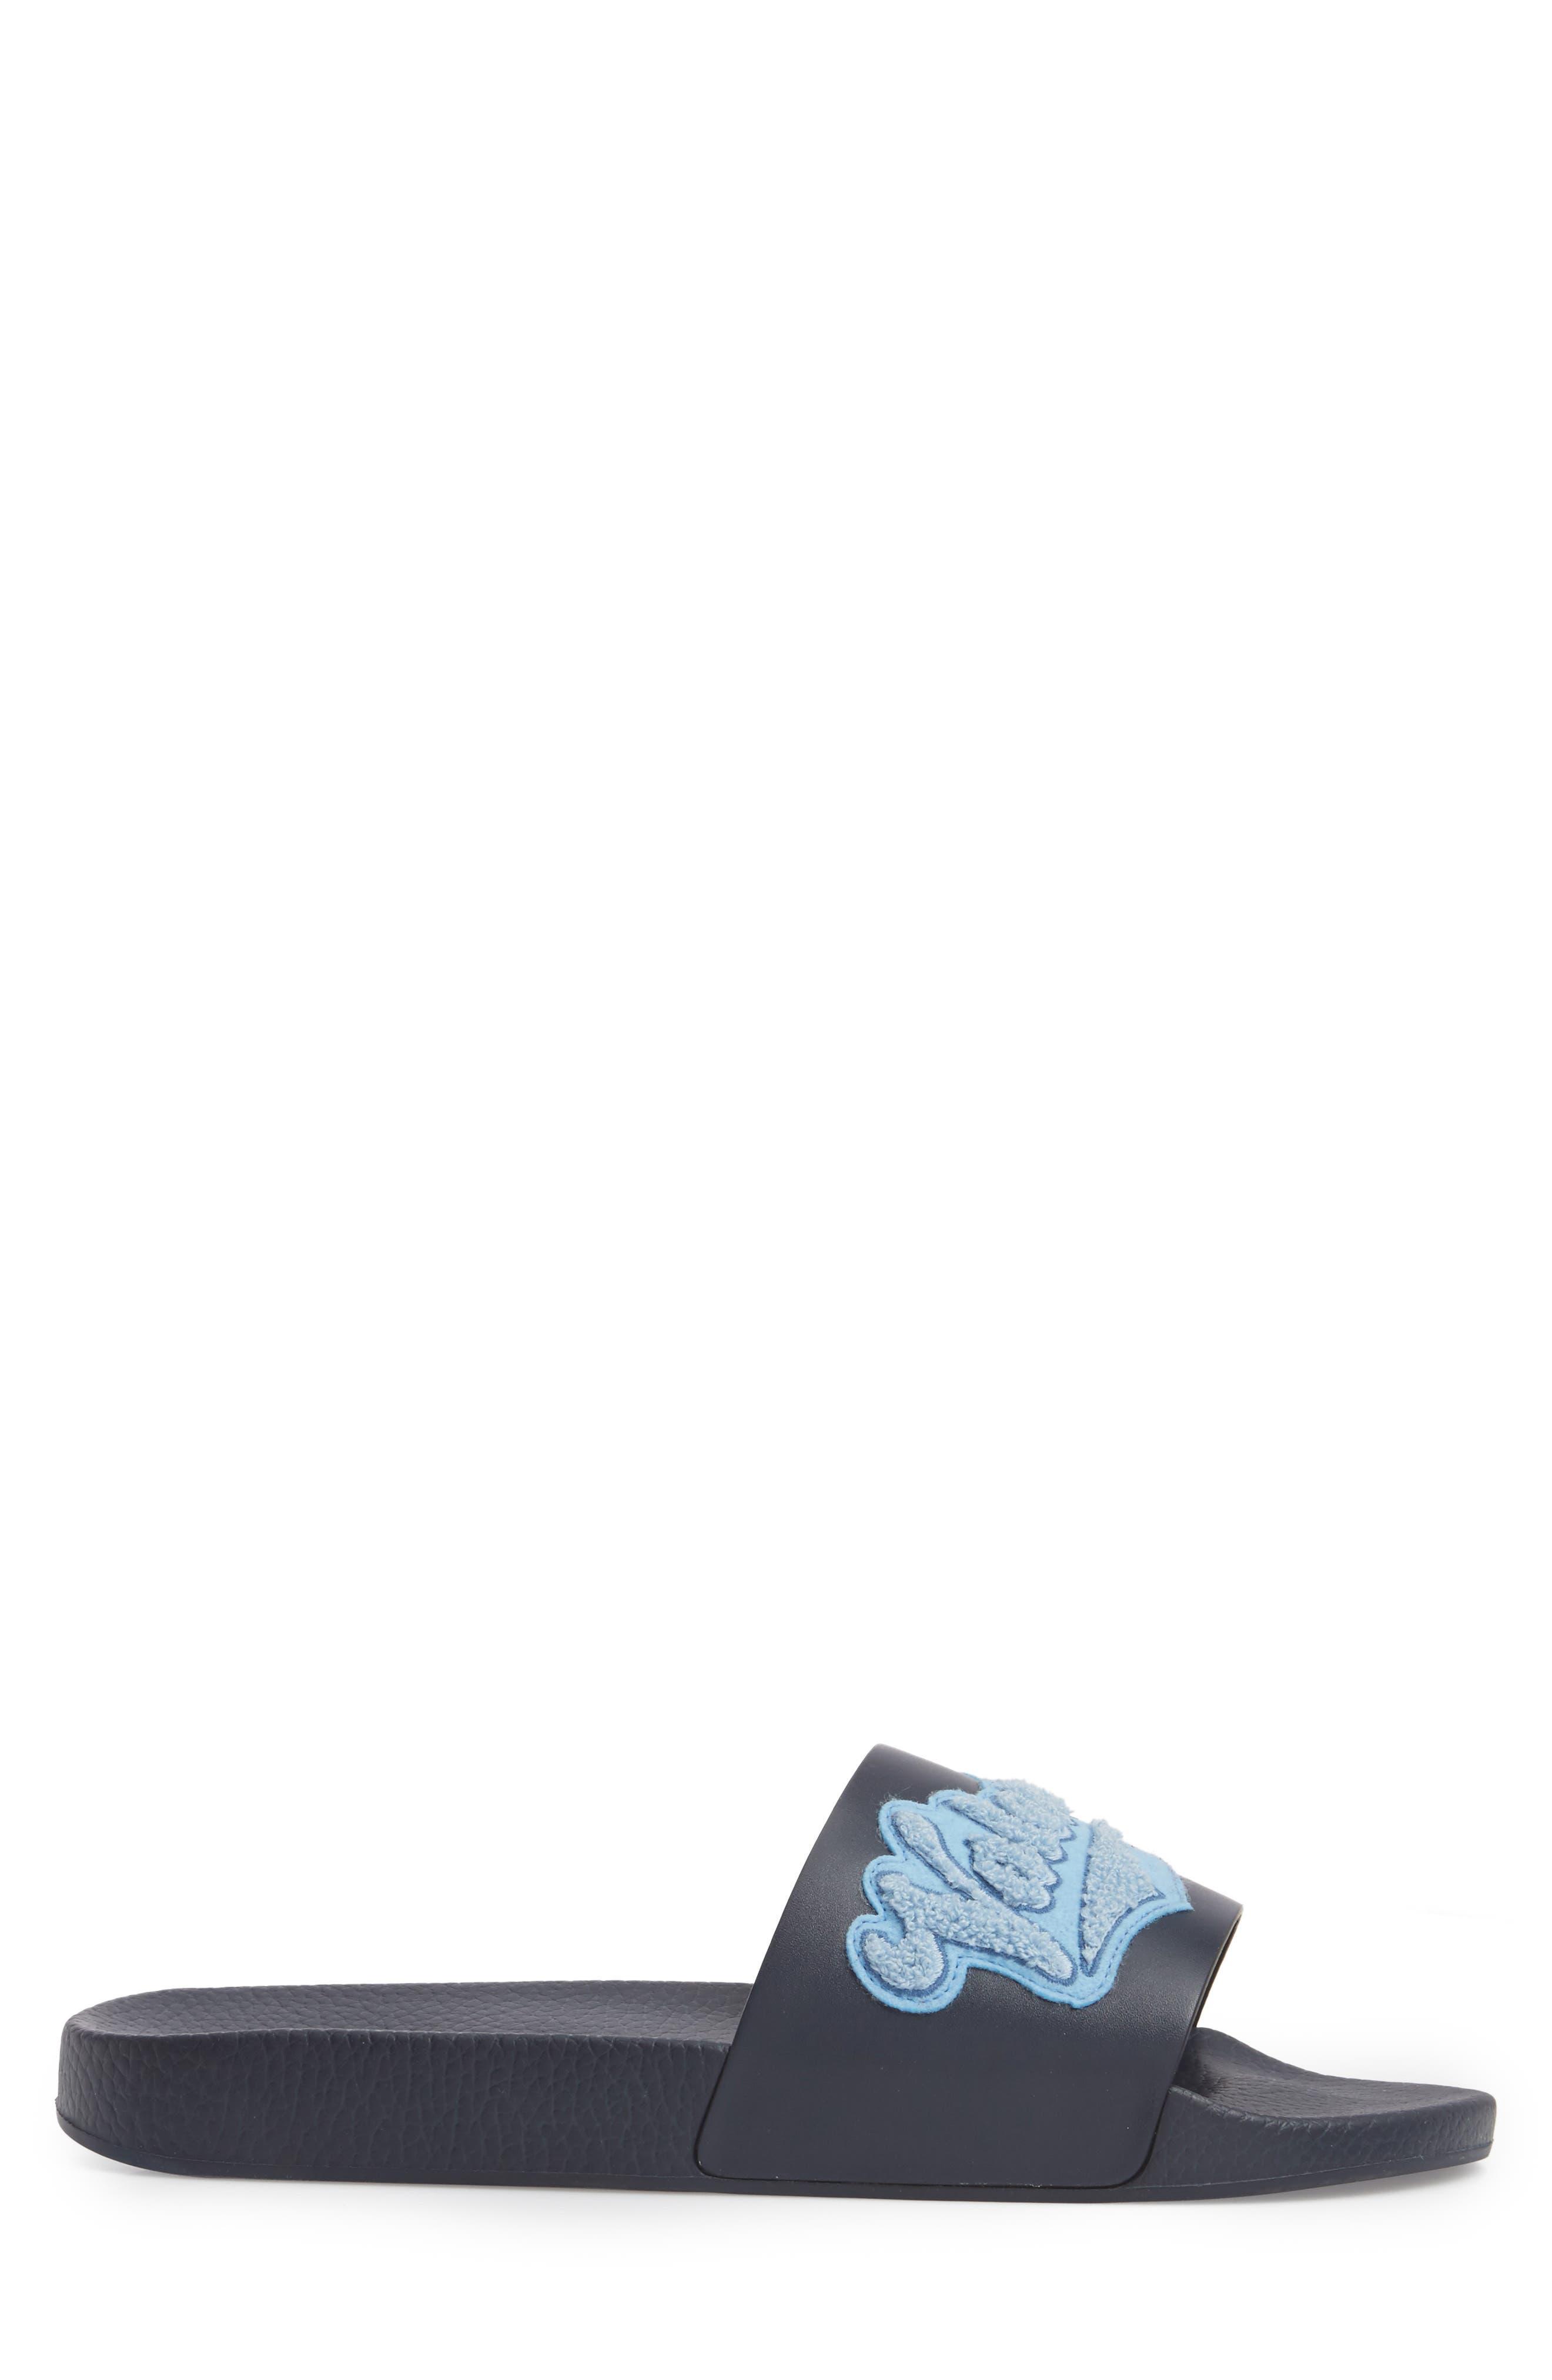 Slide Sandal,                             Alternate thumbnail 3, color,                             Marine/ Stone